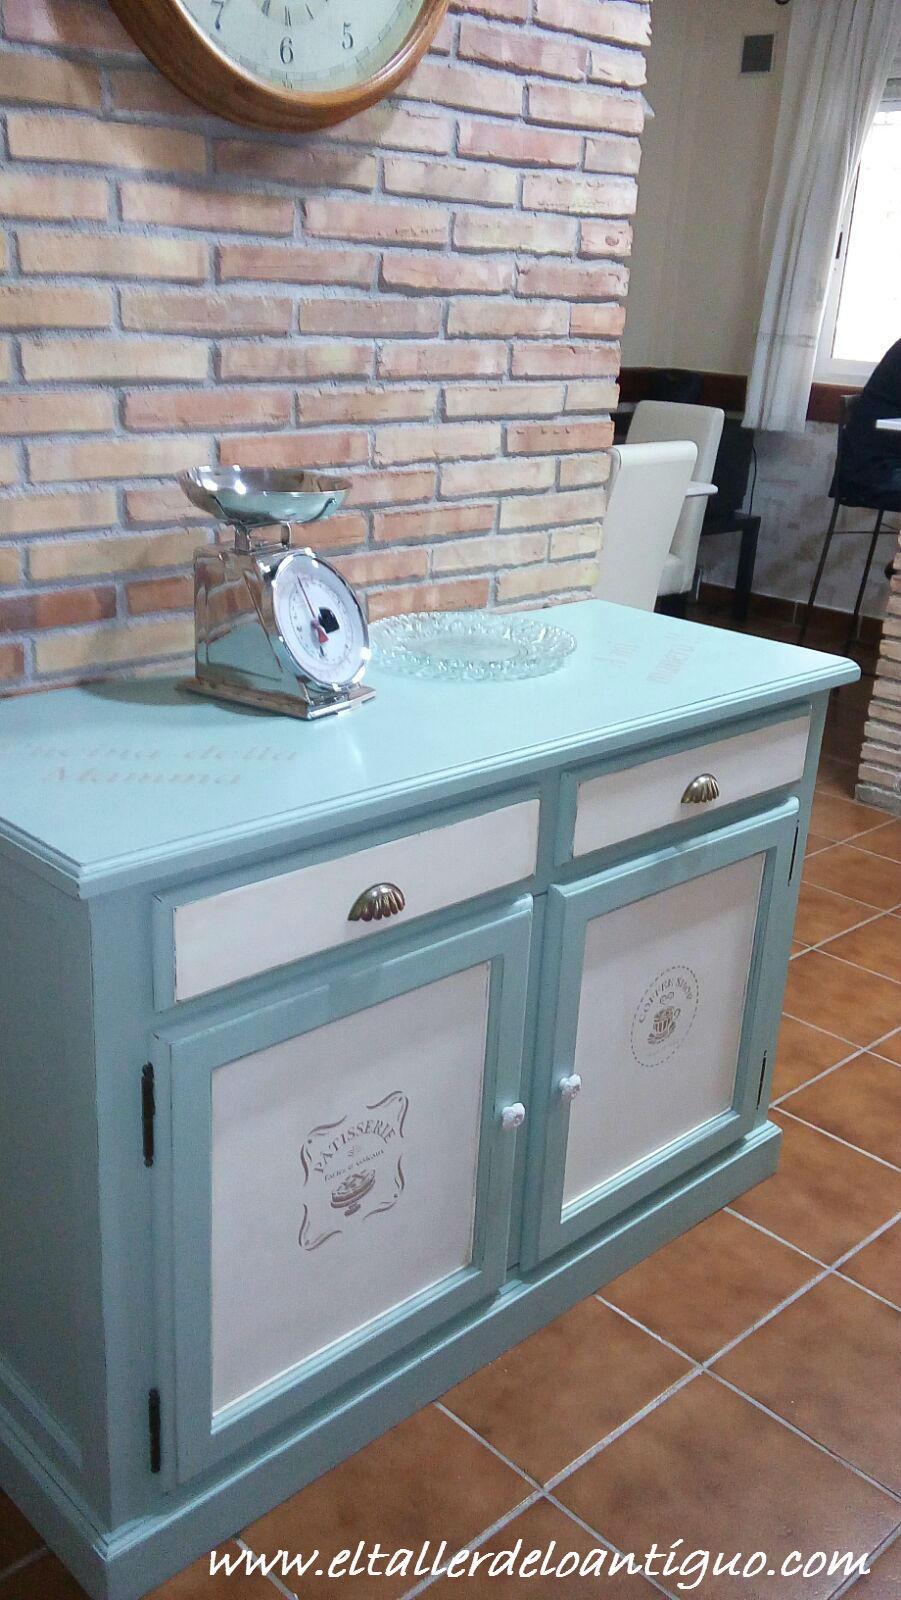 Pintar mueble de cocina el taller de lo antiguo - Muebles antiguos pintados de blanco ...